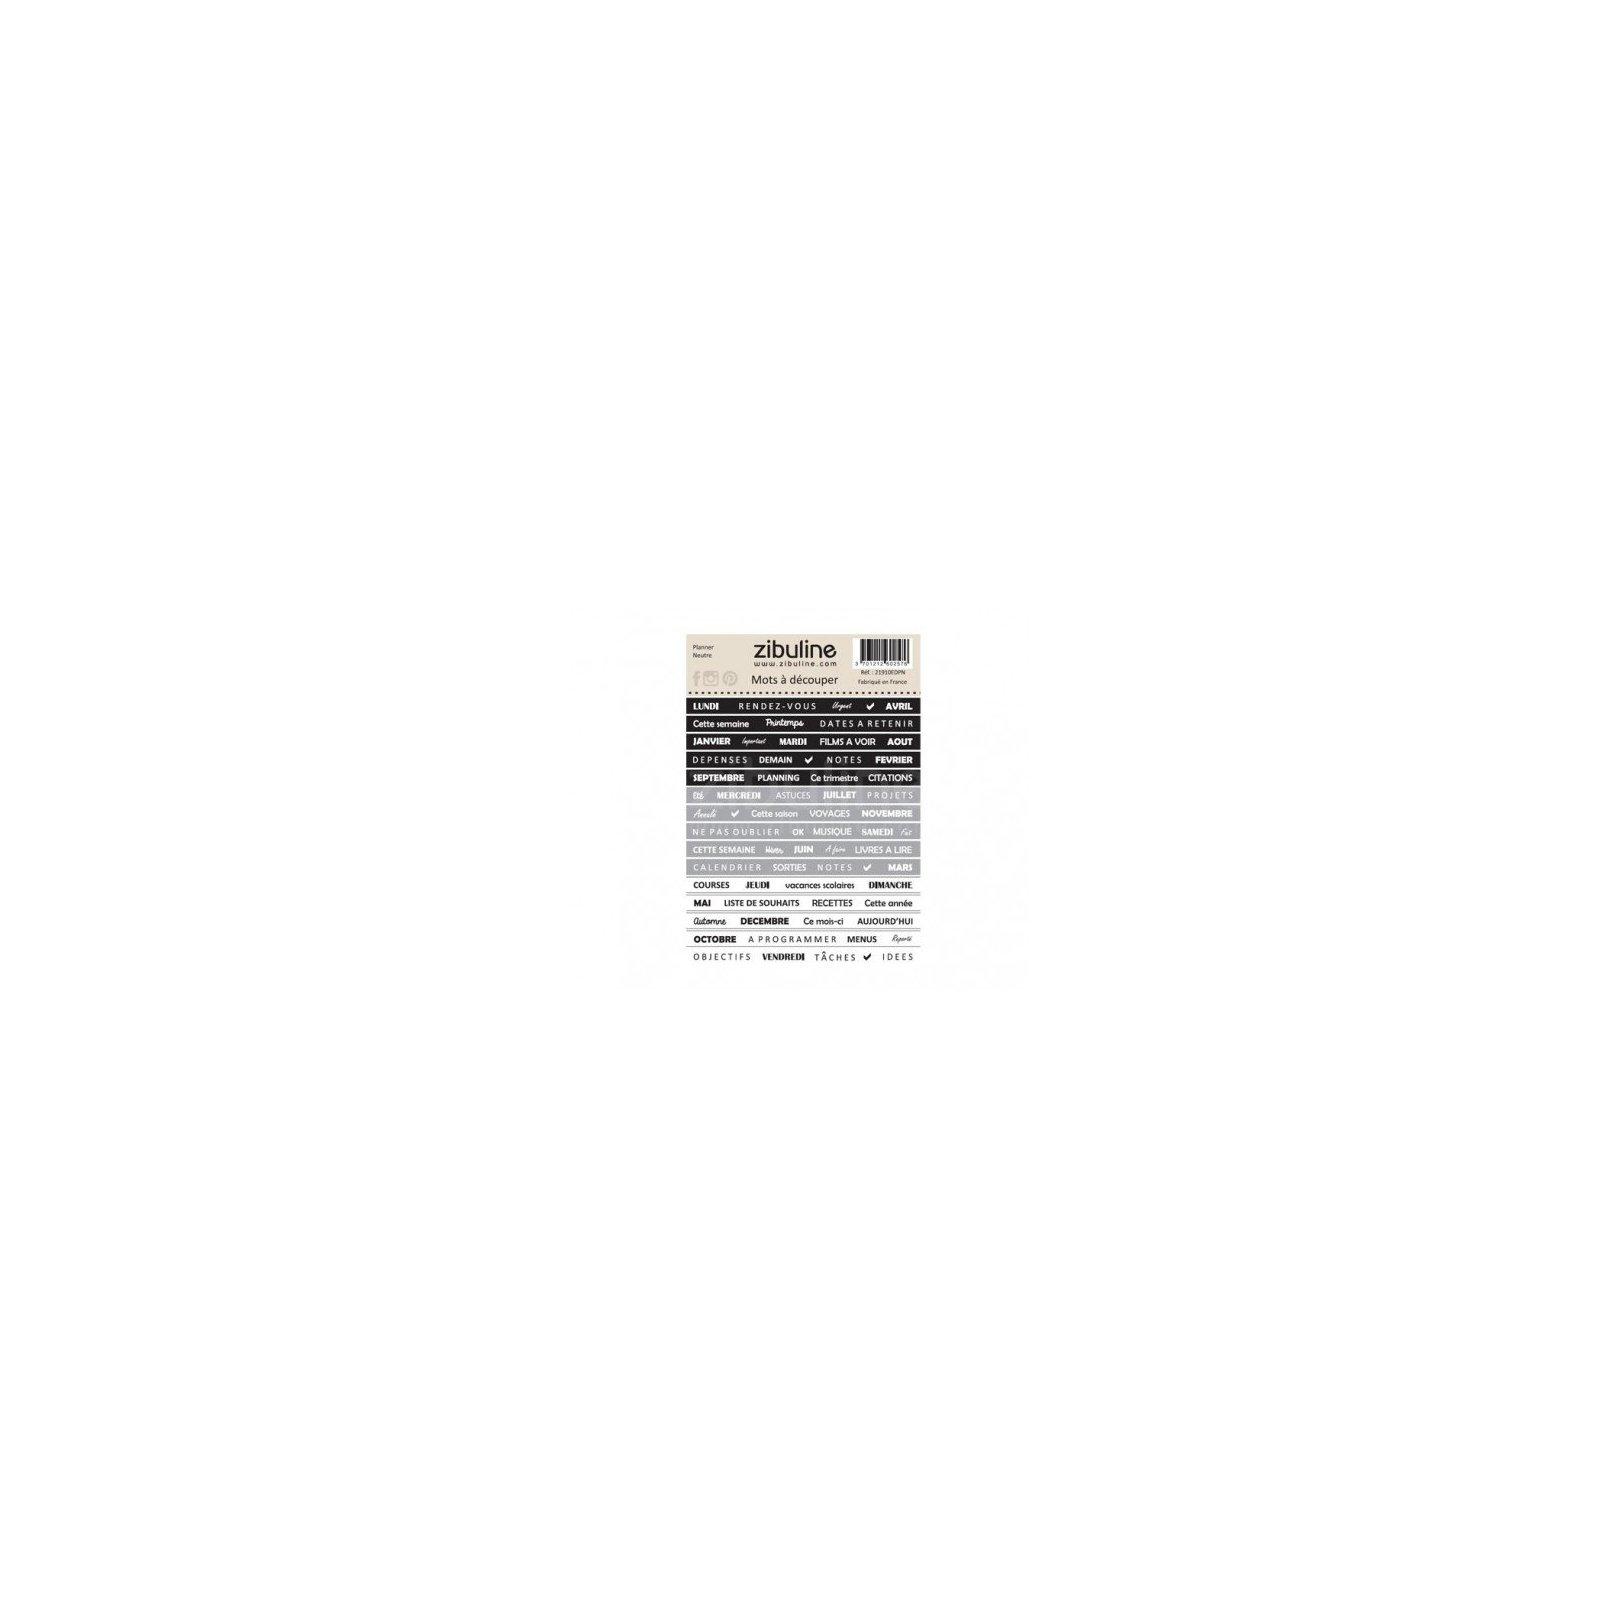 Planche de mots à découper - Planner - Neutre - Zibuline